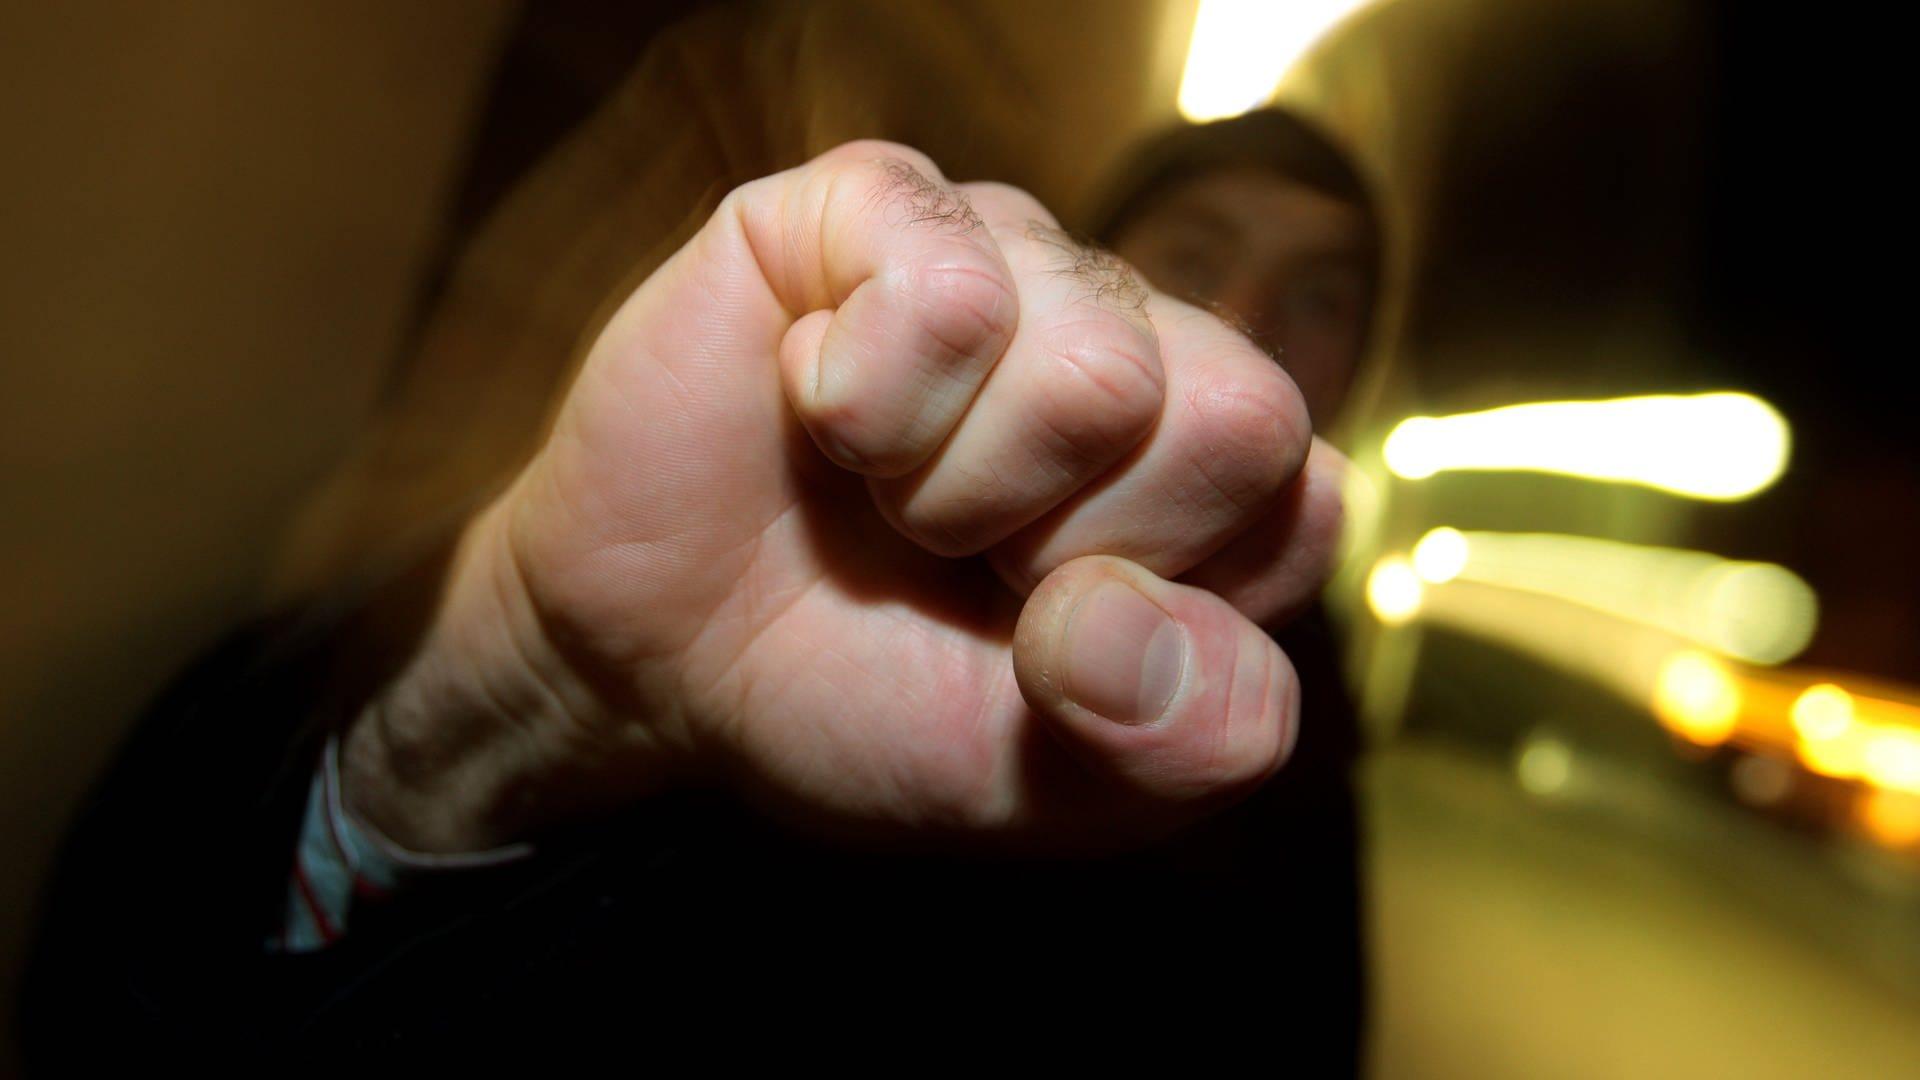 Mann scheint mit der Faust zuzuschlagen (Symbolbild)